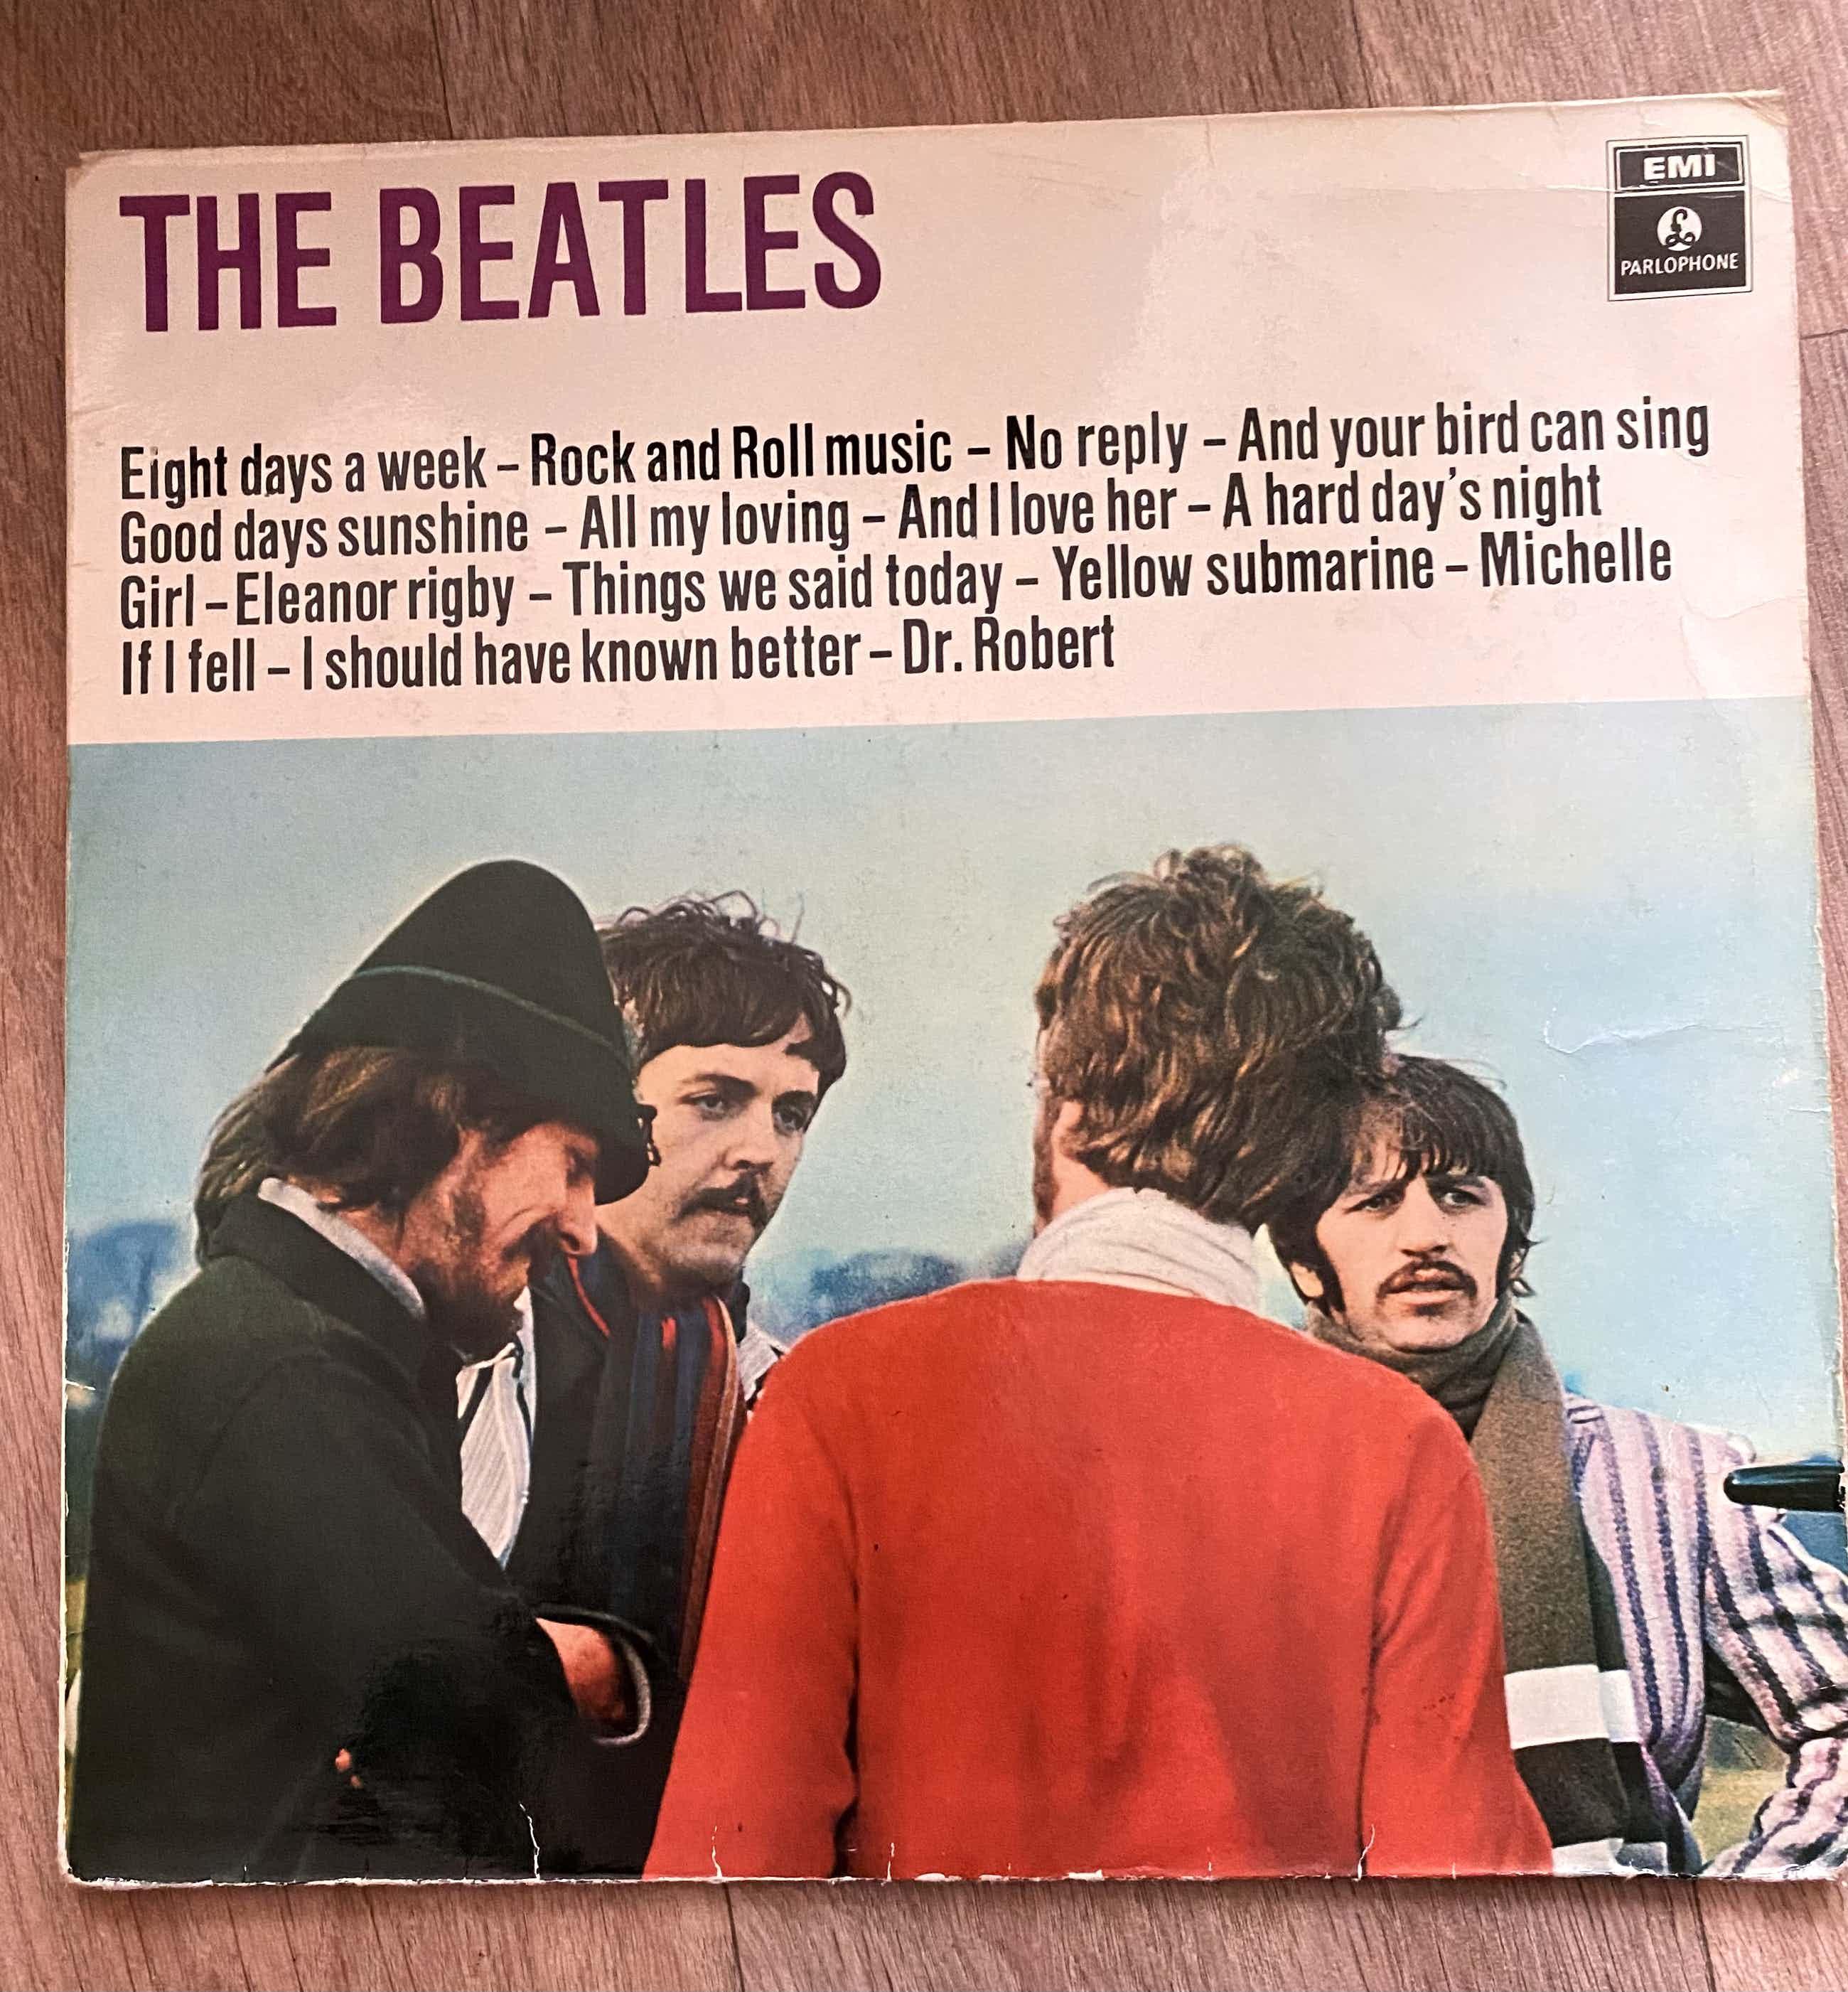 The Beatles - The Beatles kopen? Bied vanaf 30!